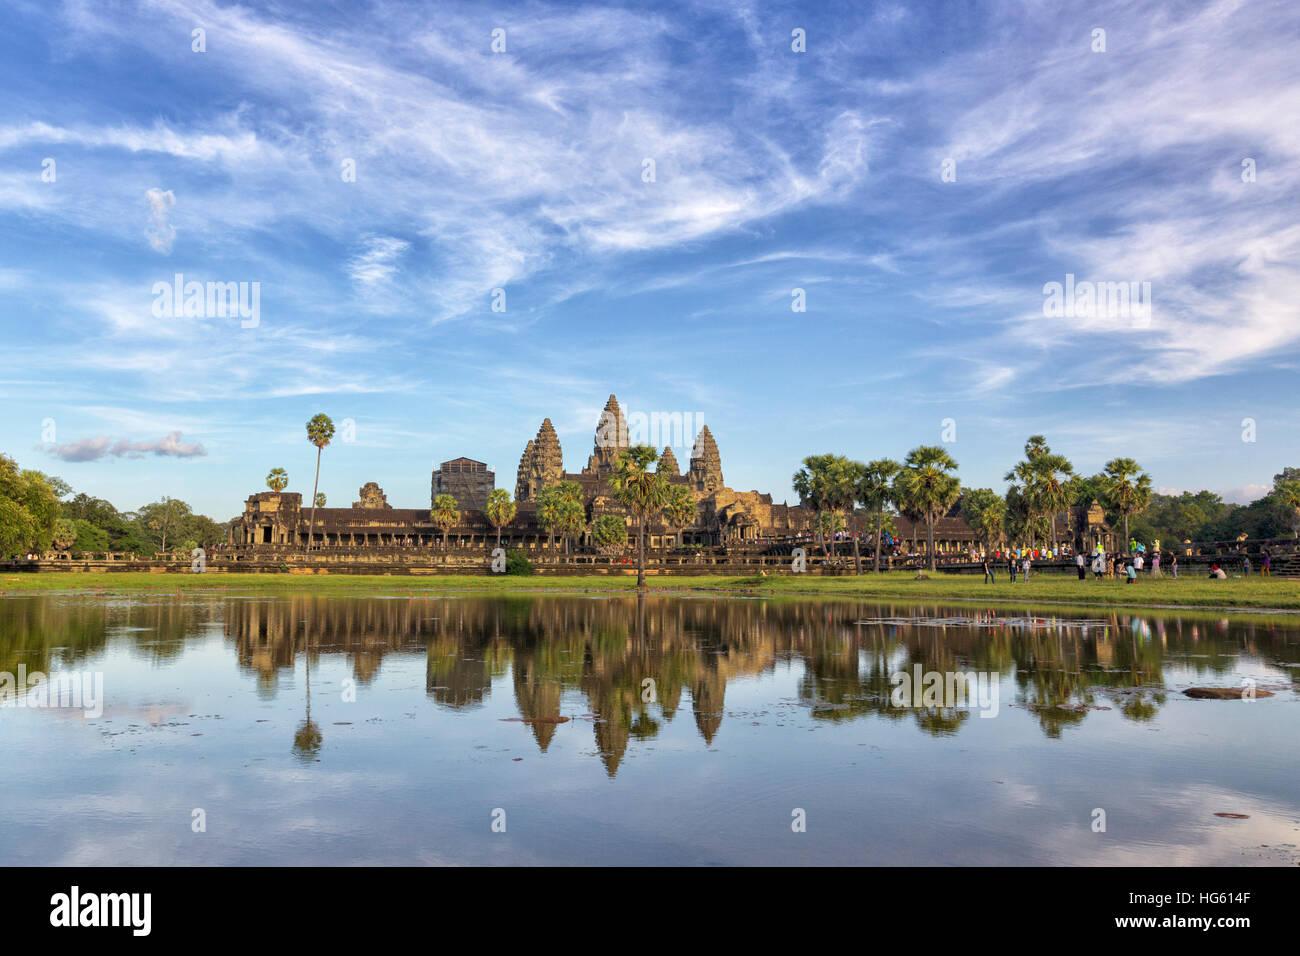 Kambodschanische Wahrzeichen Angkor Wat mit Spiegelung im Wasser am Sonnenuntergang. Siem Reap, Kambodscha Stockbild